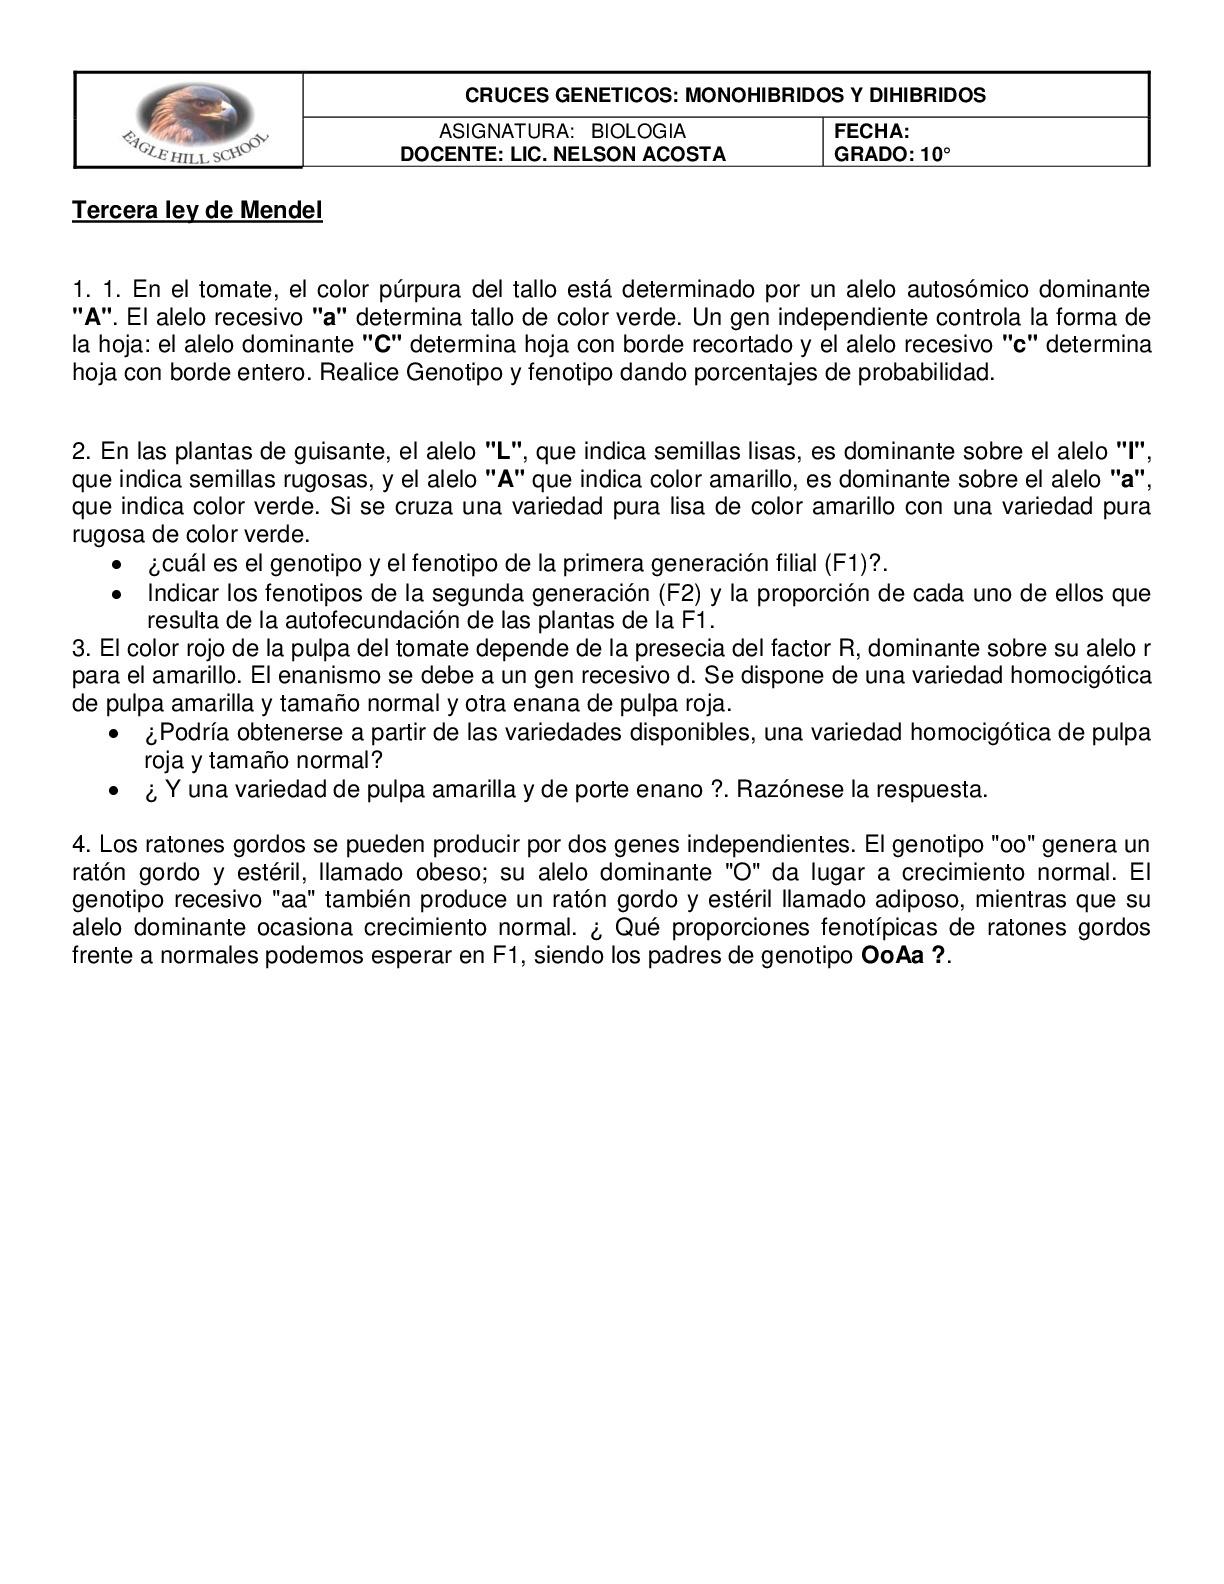 Vistoso Grado 4 Da Forma A Las Hojas De Trabajo Bandera - hojas de ...